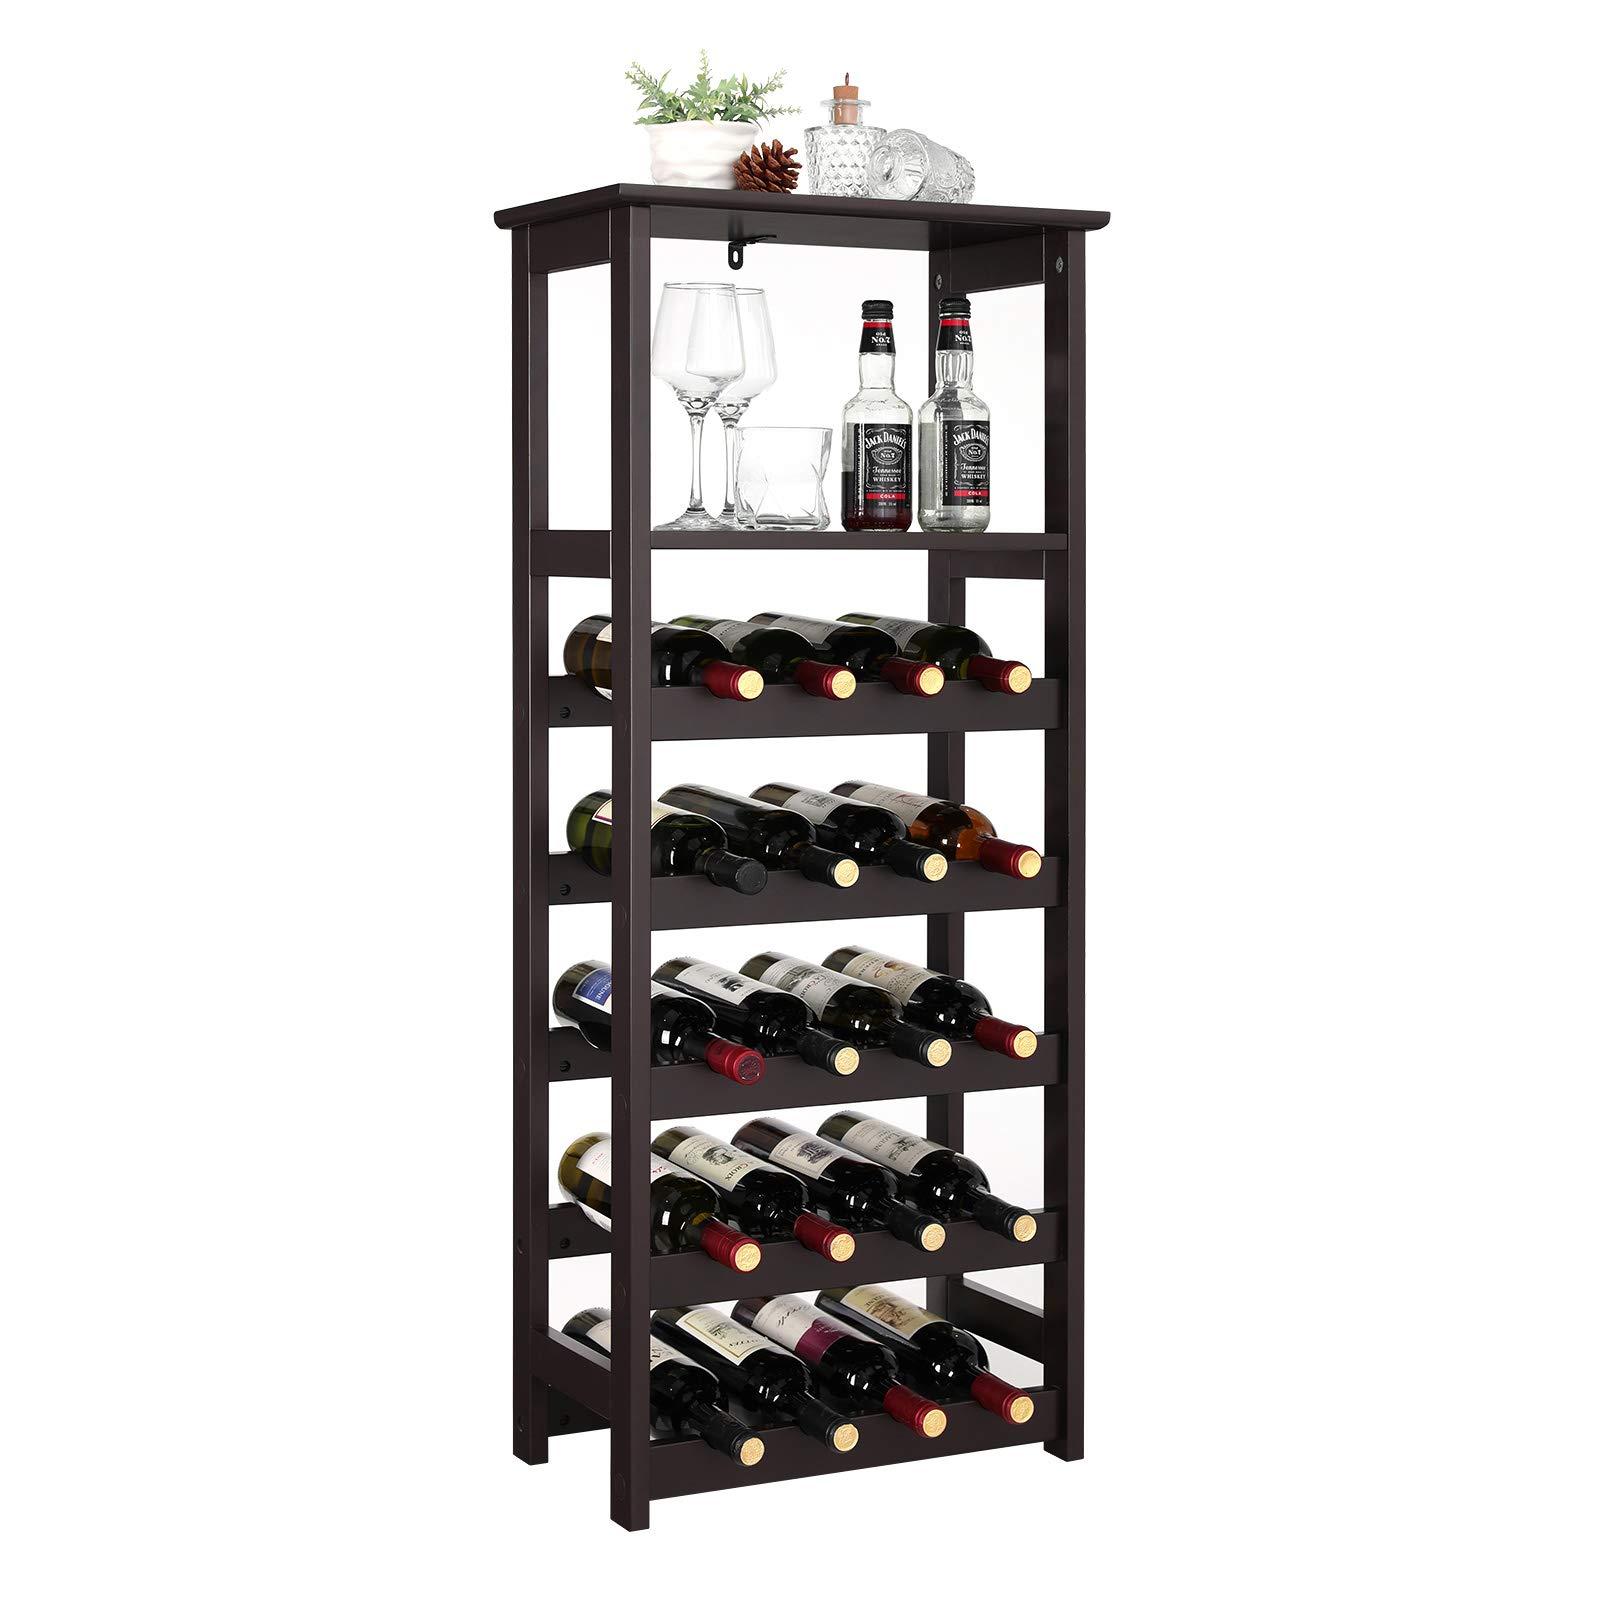 VASAGLE 20 Wooden Wine Rack, Free Standing Bottles Display Storage Shelf, with 2 Slatted Shelves,18.4''L × 10.4''W × 42.9''H, Espresso ULWR03BR